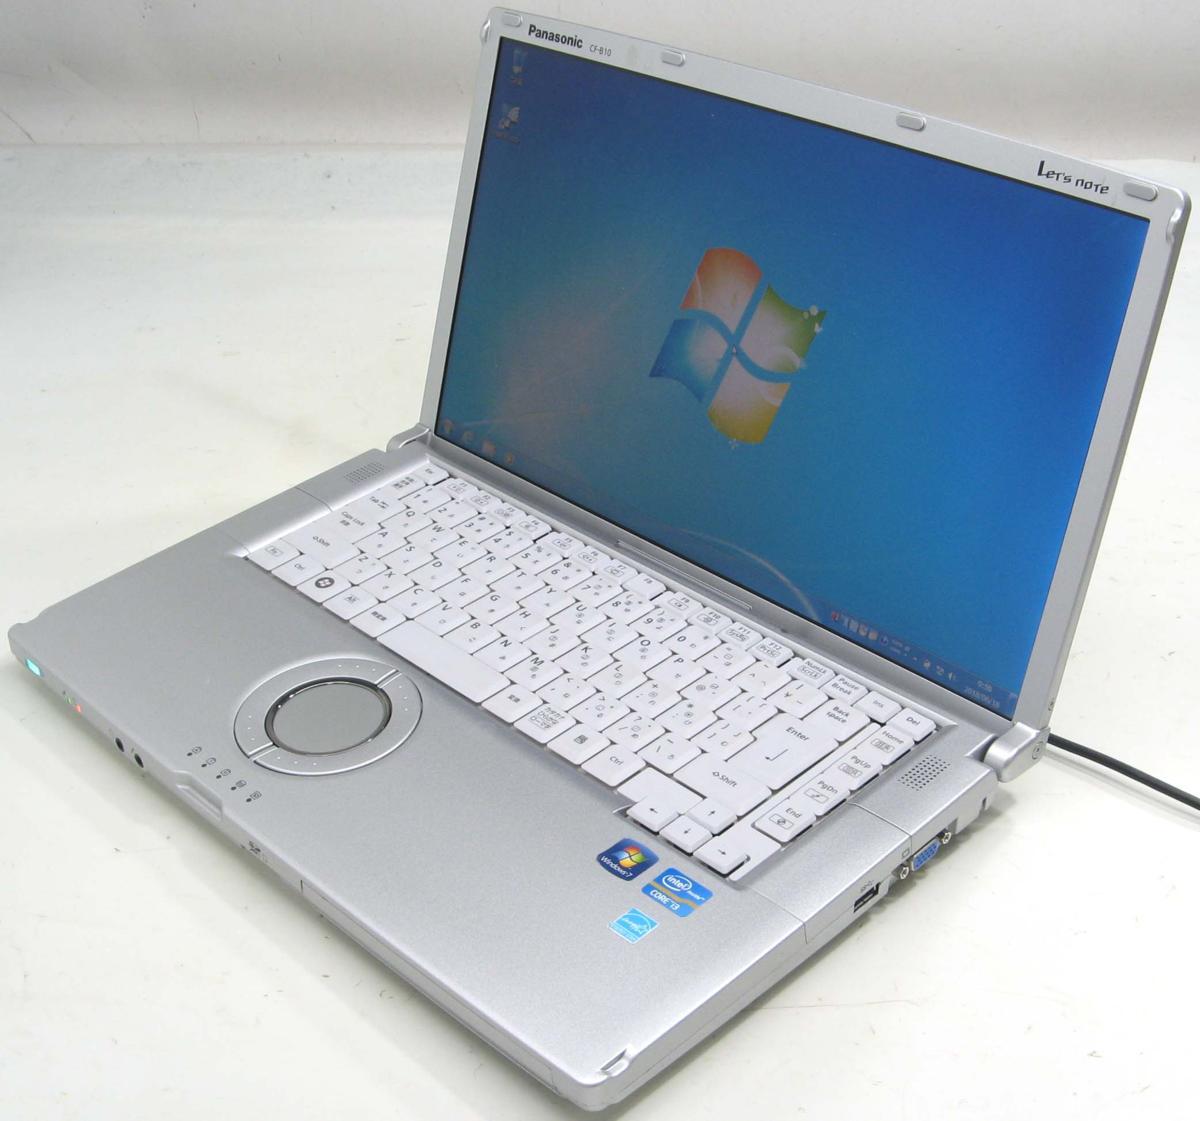 中古ノートパソコン Panasonic Let'sNOTE CF-B10TWYYS(パナソニック レッツノート Windows7 Corei3 HDMI出力端子)【中古】【中古パソコン/中古PC】